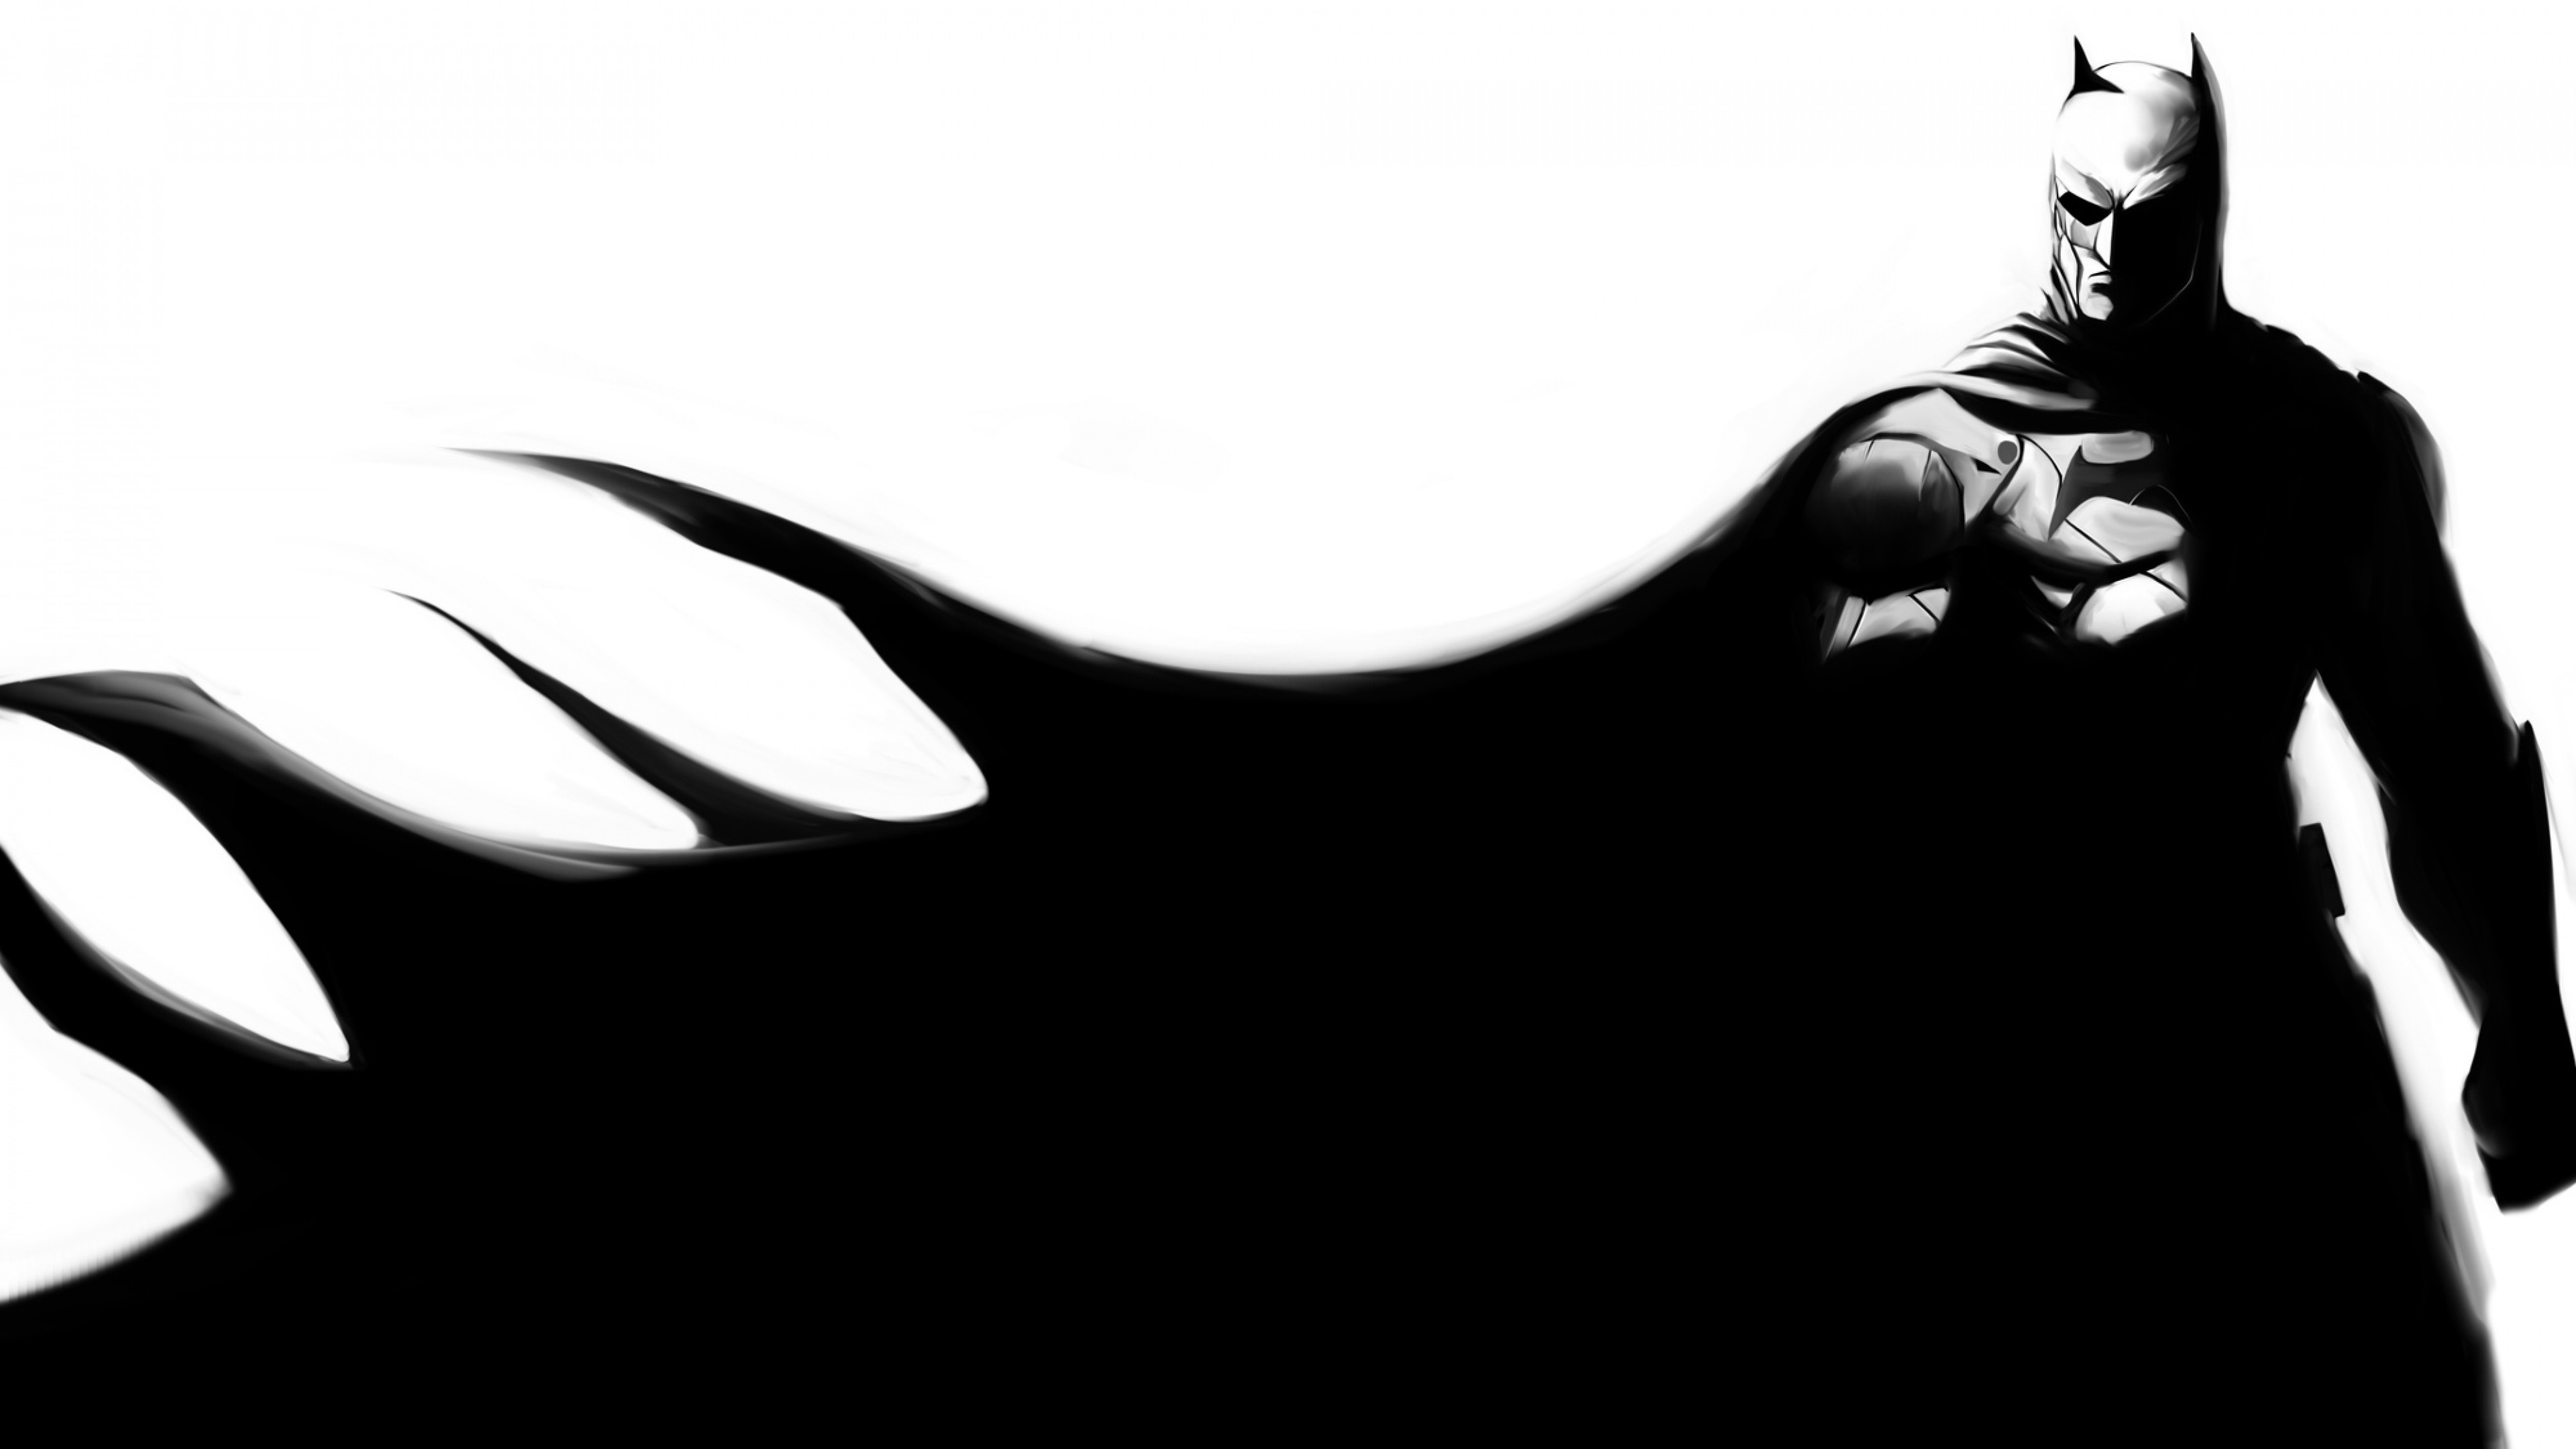 Wallpaper batman, bruce wayne, art, black, superhero